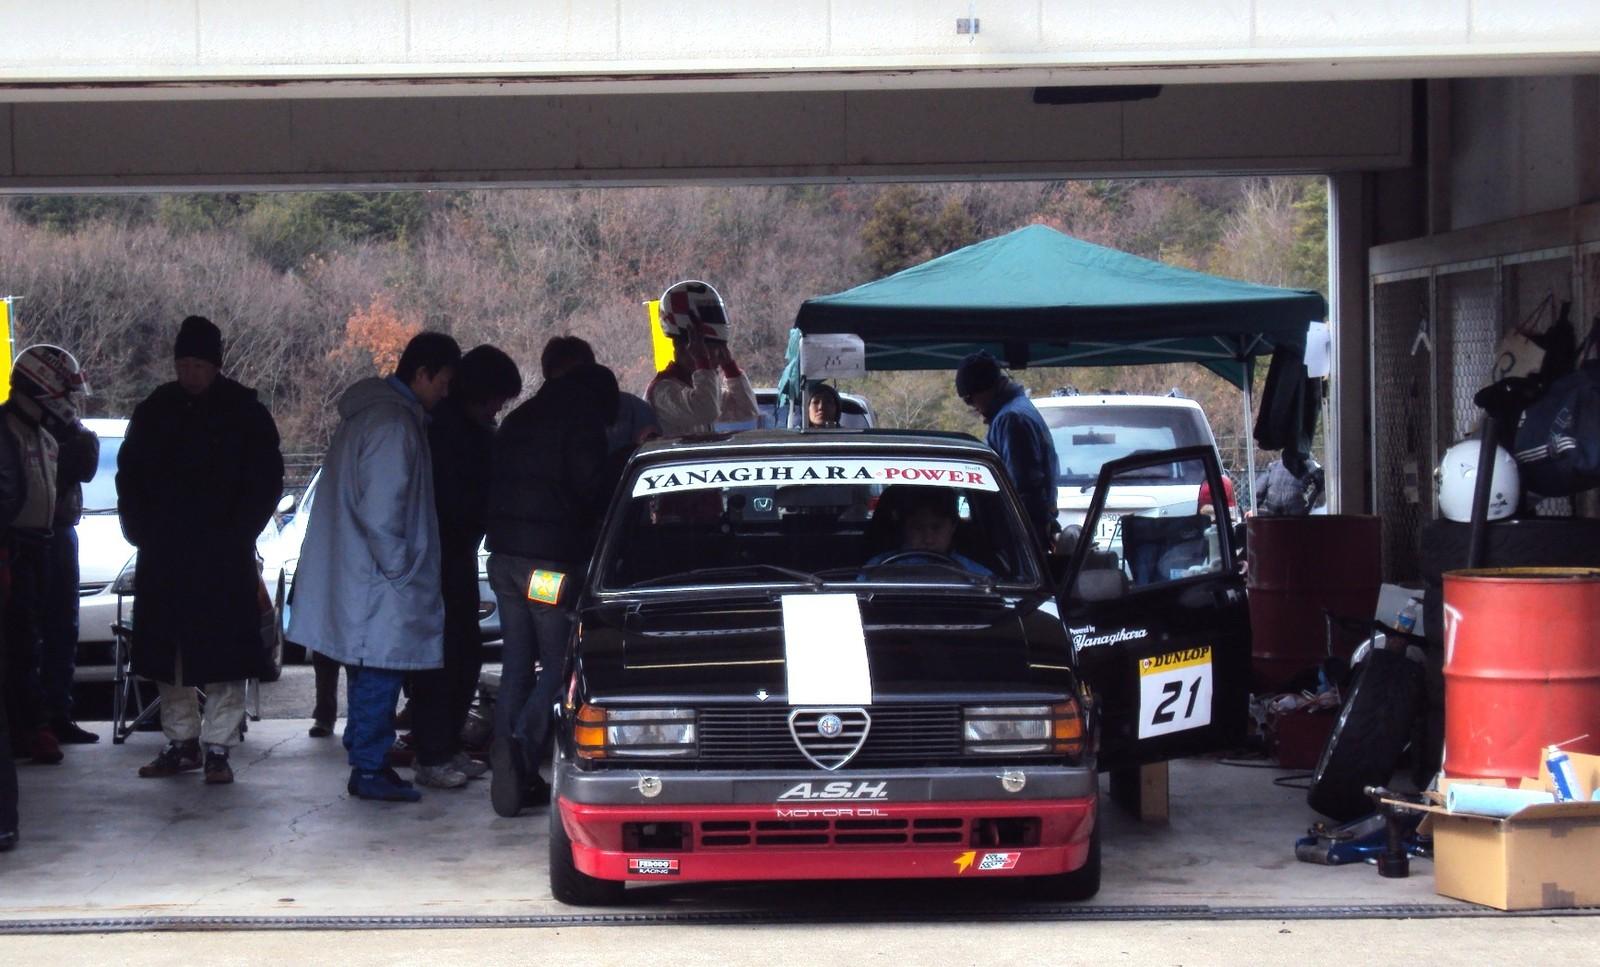 Taikyugiulietta201011